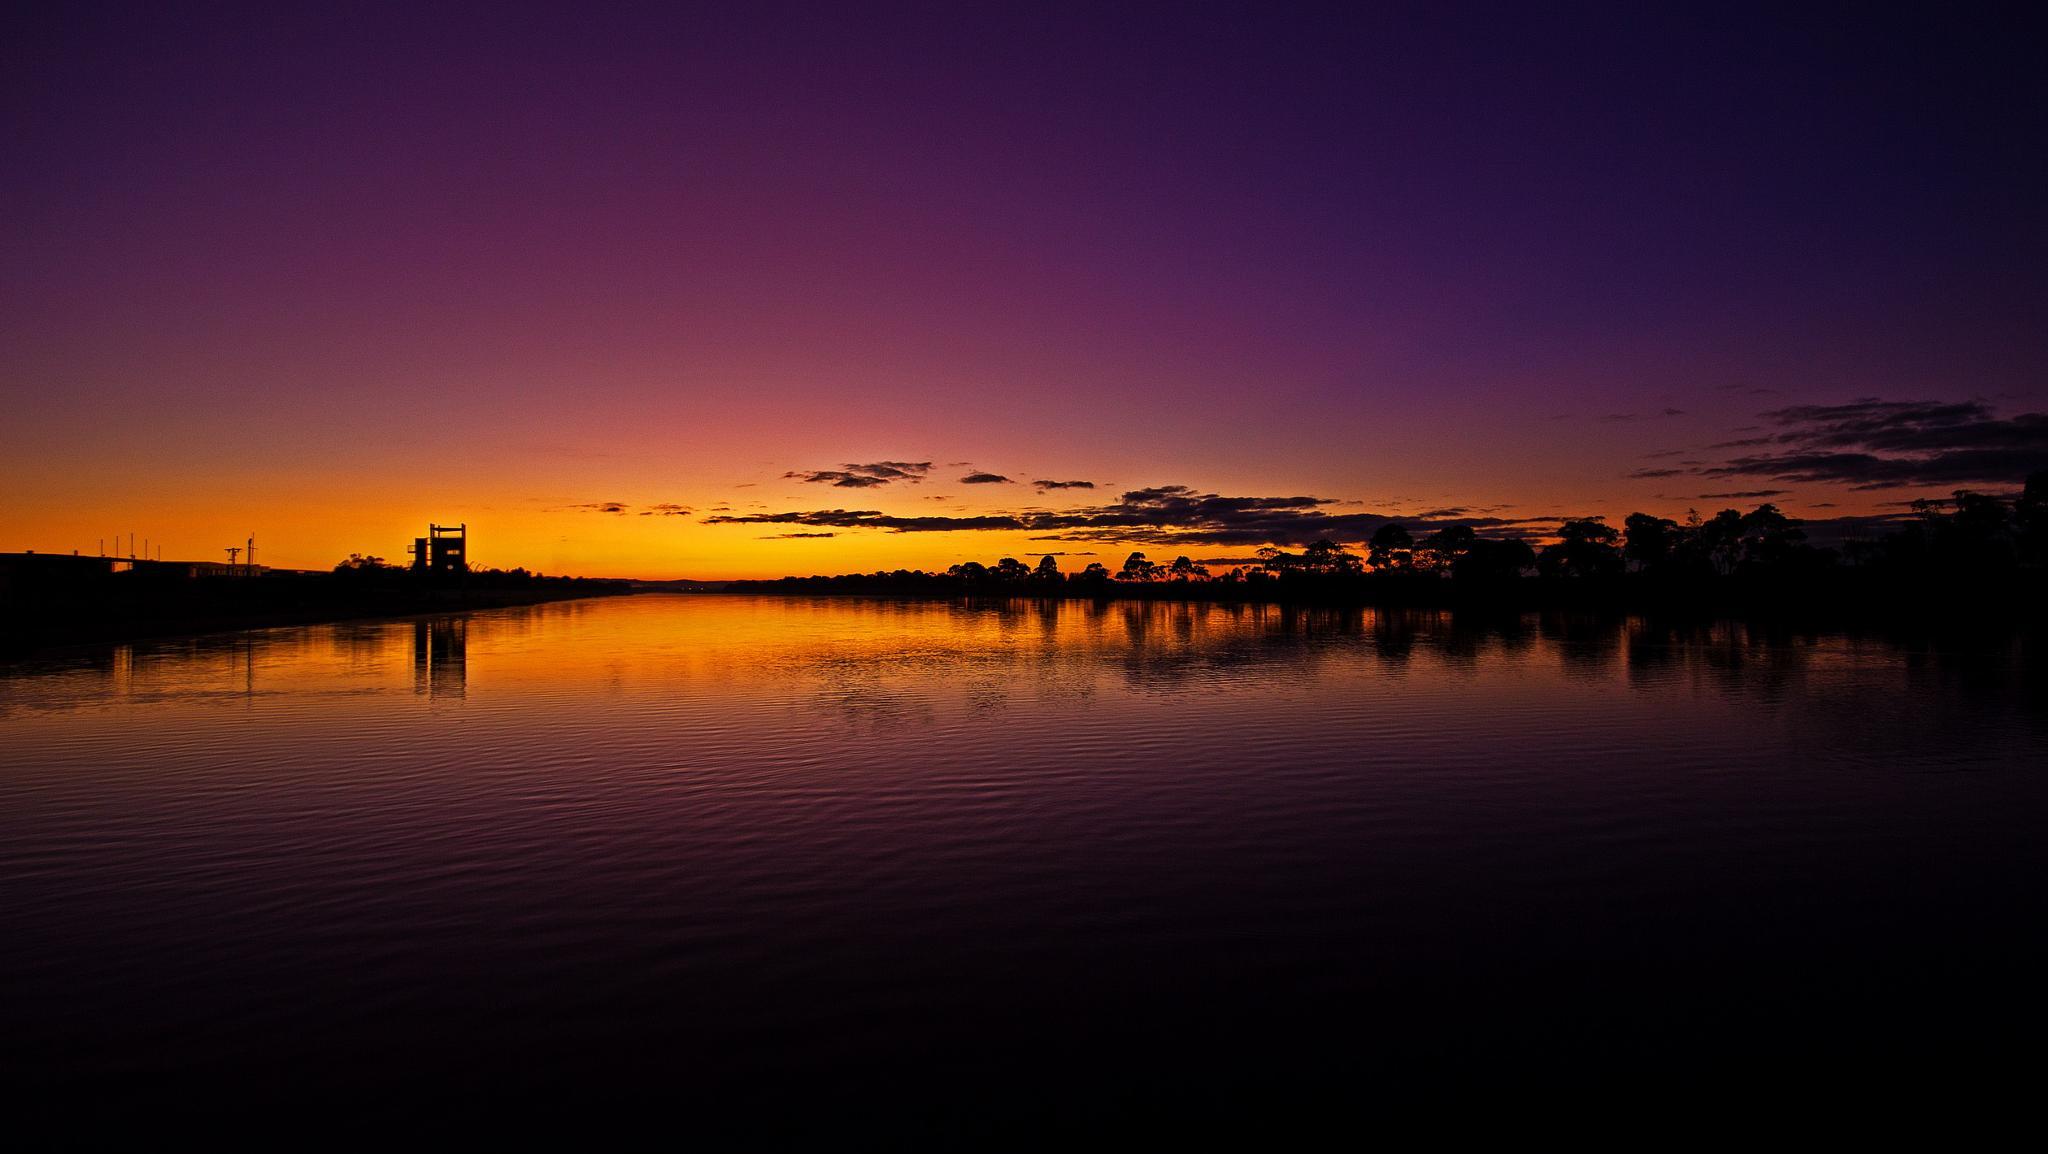 The Coming Sun by Mark Vivian